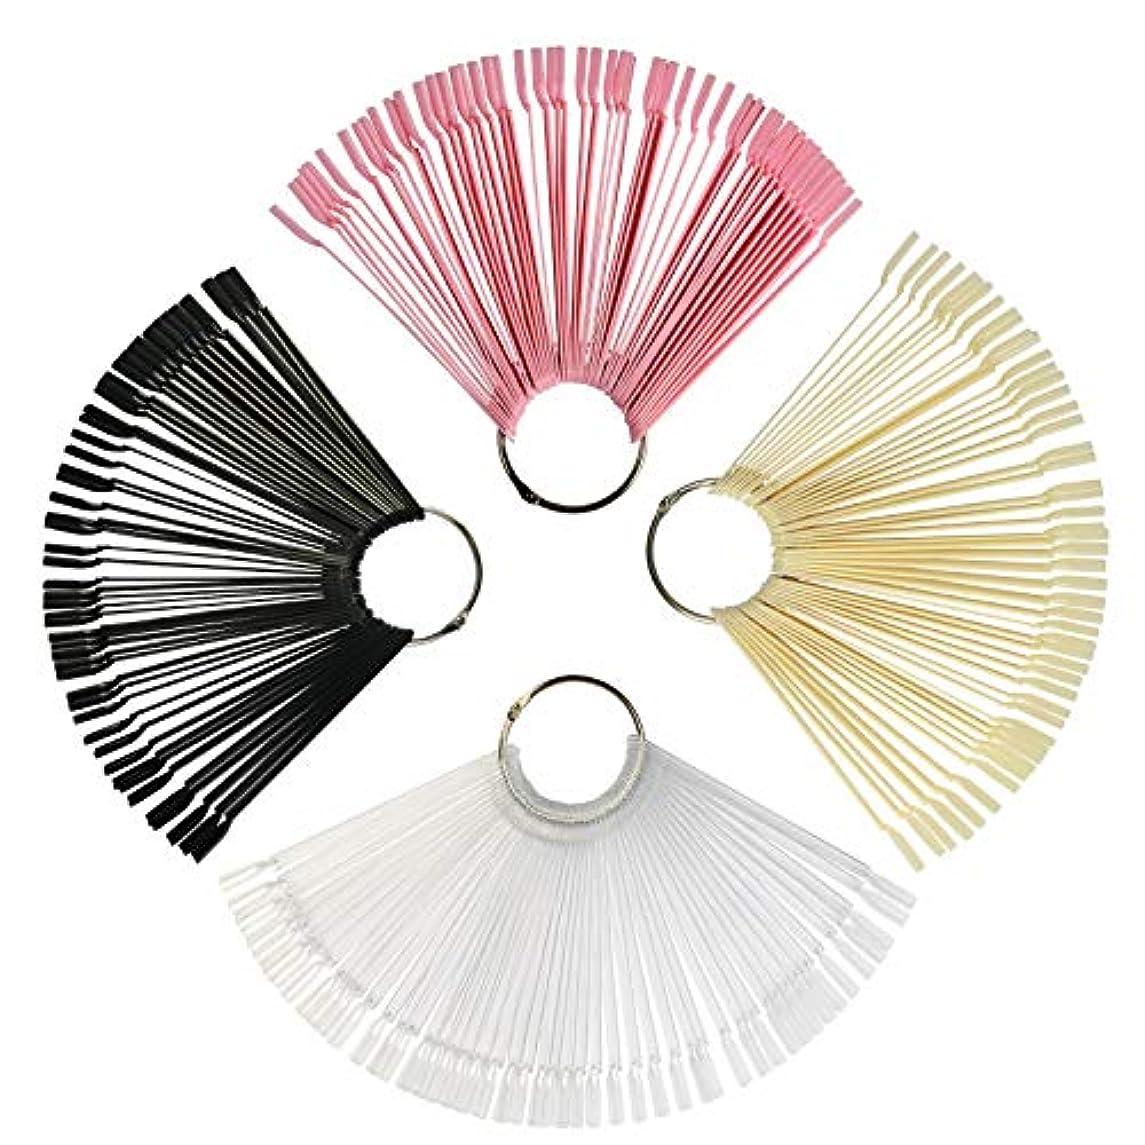 接続されたアラート集めるネイルカラーチャート KAKOO スティック式 200枚 4色(透明?ブラック?ピンク?ナチュラルカラー) 4個リング付属 偽ネイル 練習用 ネイルアート チップ クリア カラーチャートサンプル 見本カラーチャート